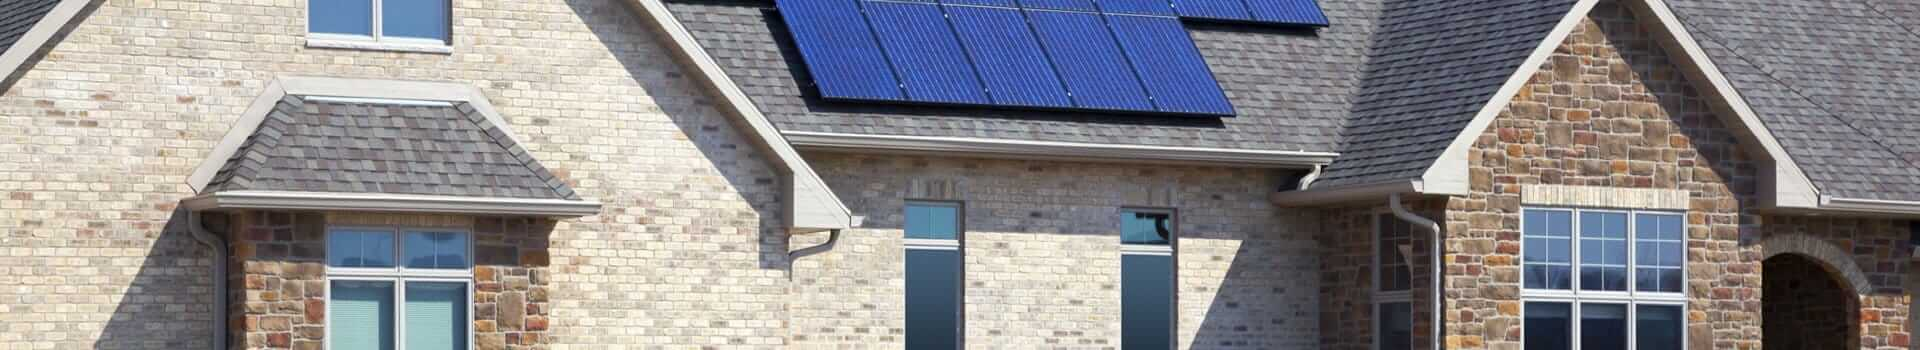 slider-house-roof-1920x400